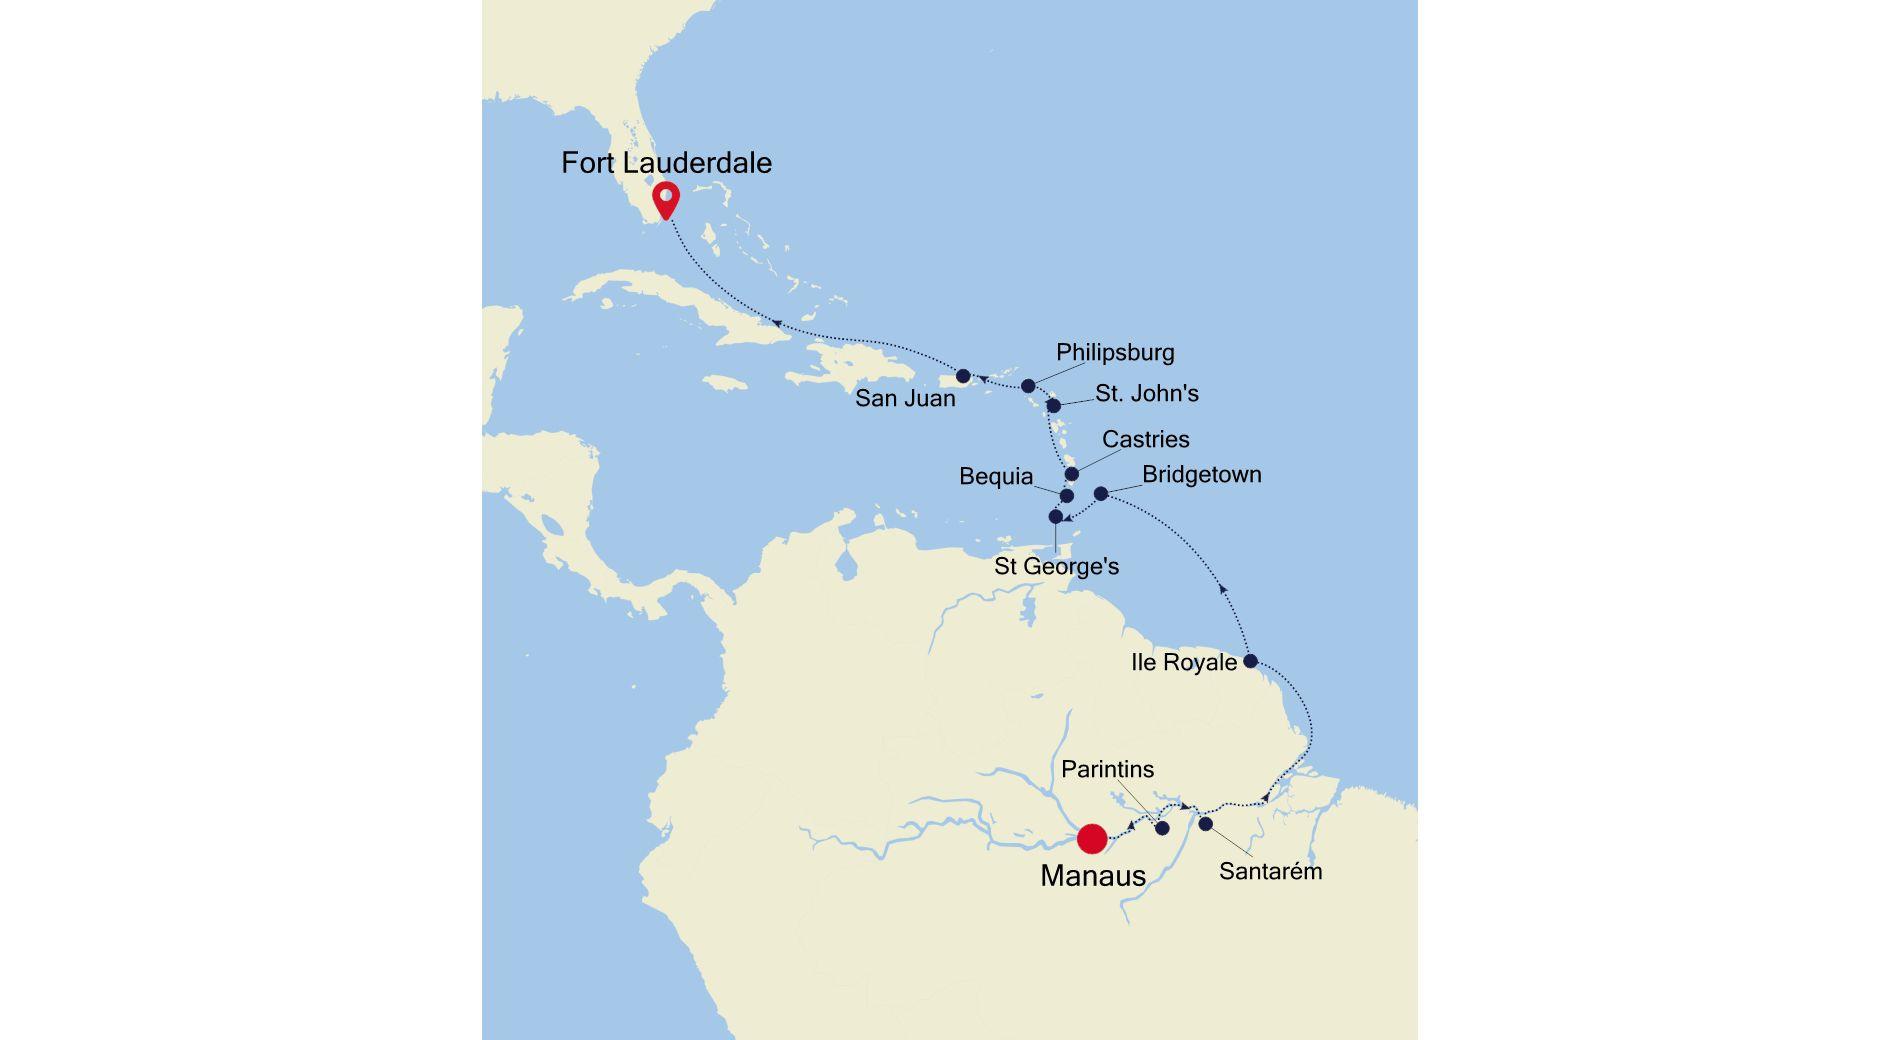 DA220302016 - Manaus à Fort Lauderdale